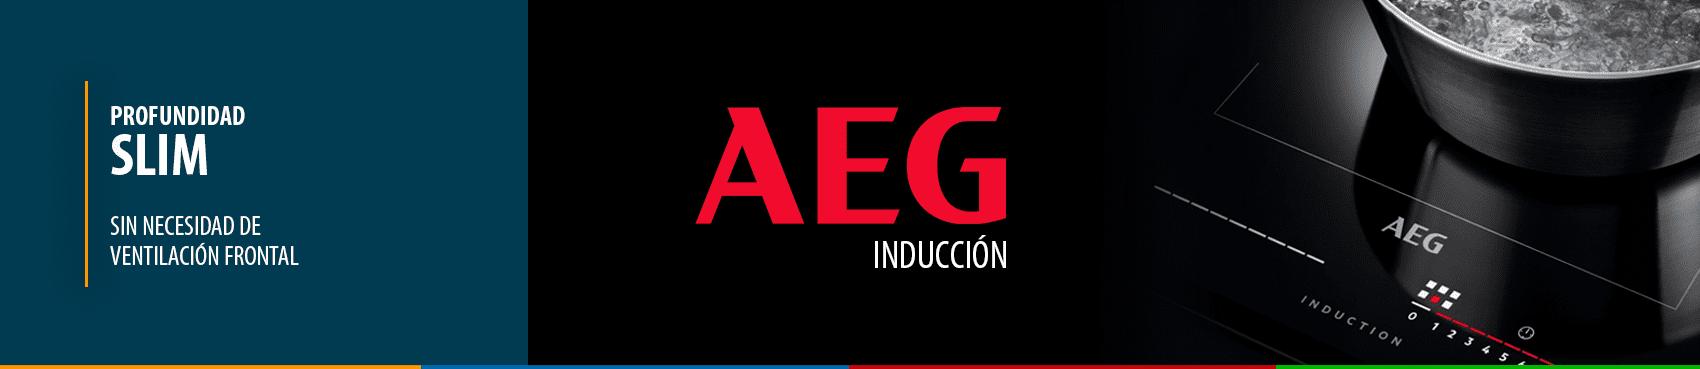 INDUCCIONES OFERTA AEG